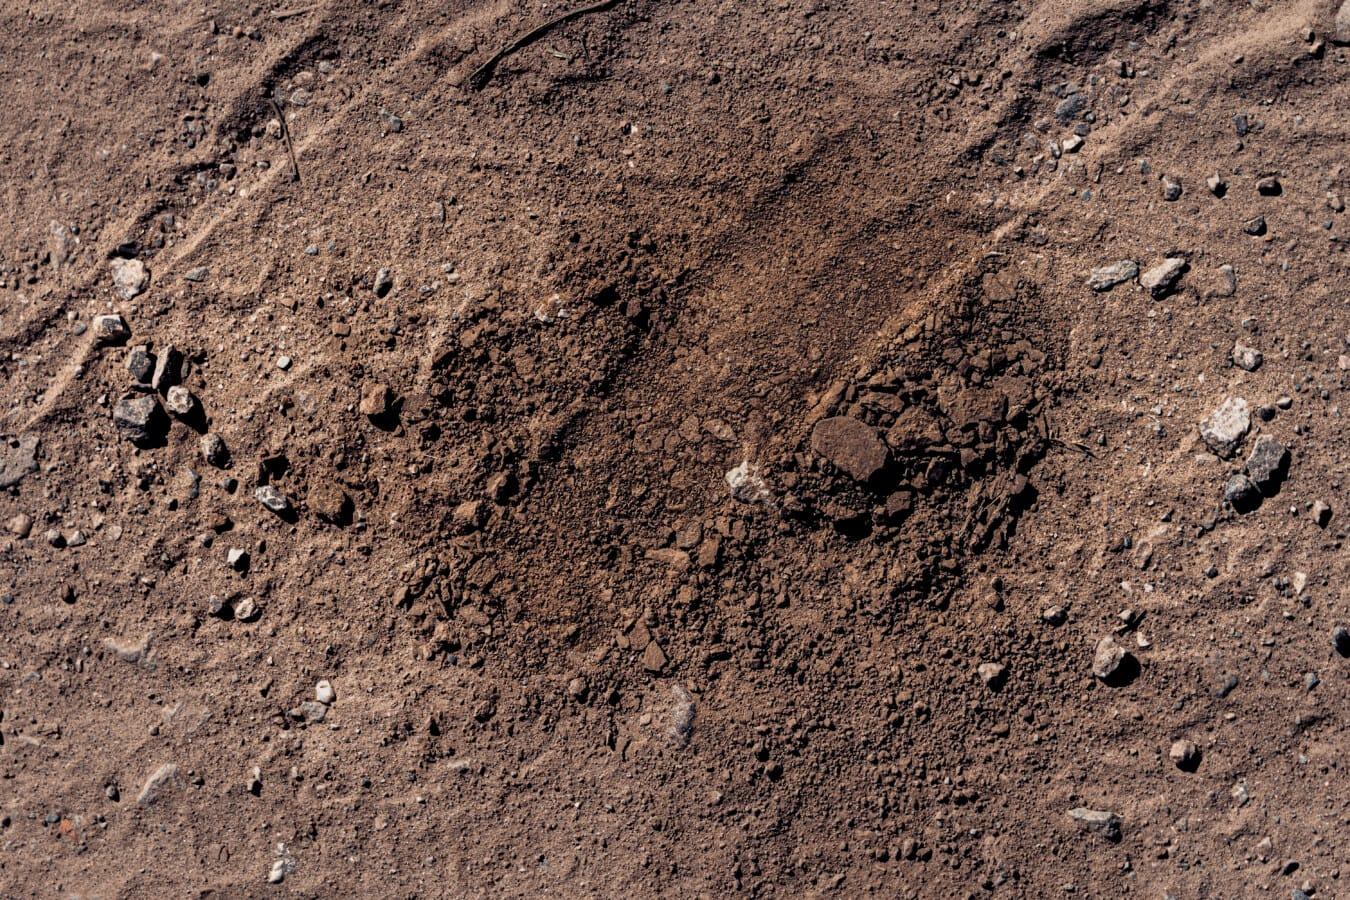 suelo, tierra, pista, polvo, sucio, áspero, textura, yermo, sequía, seco